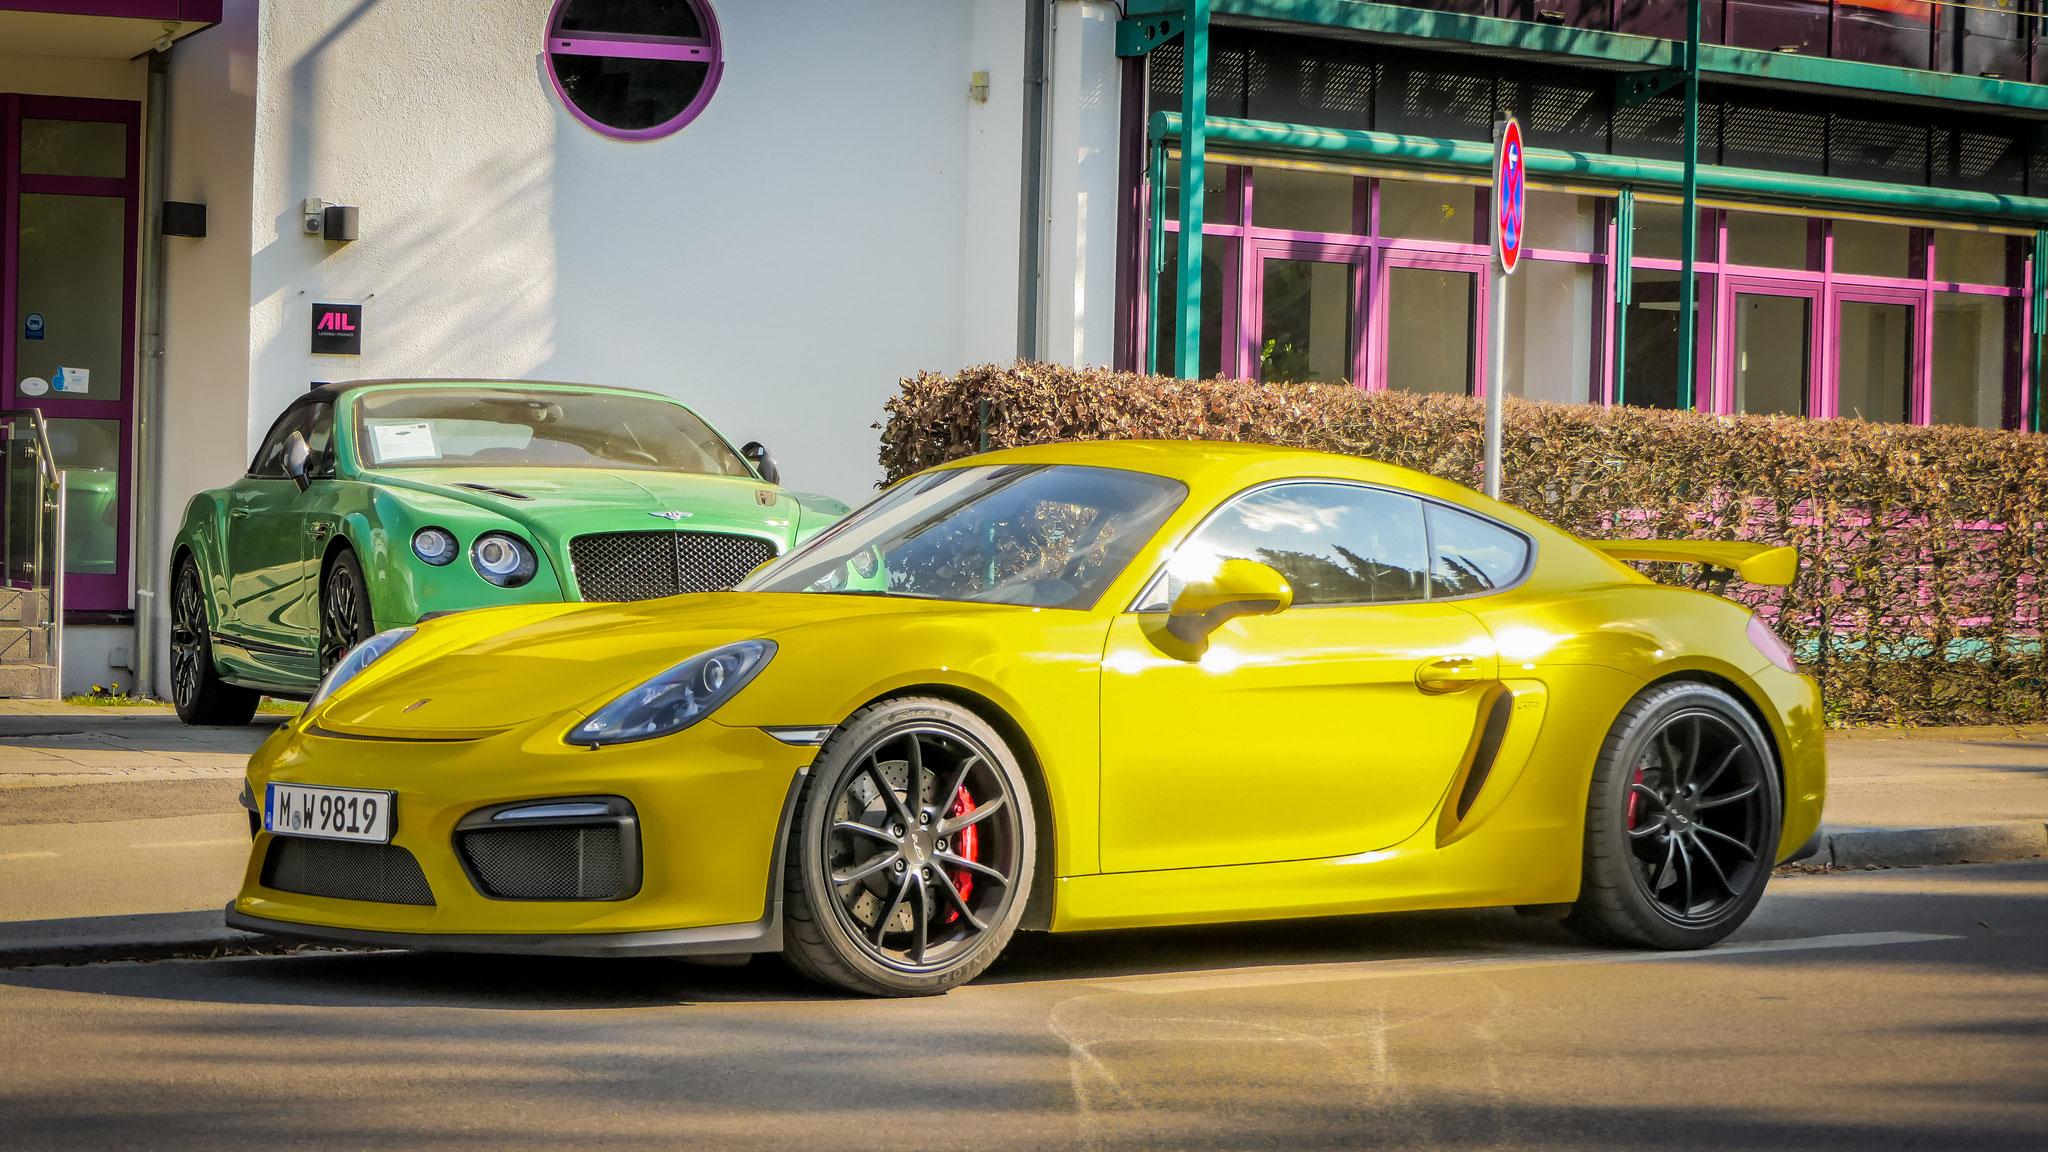 Porsche Cayman GT4 - M-W-9819